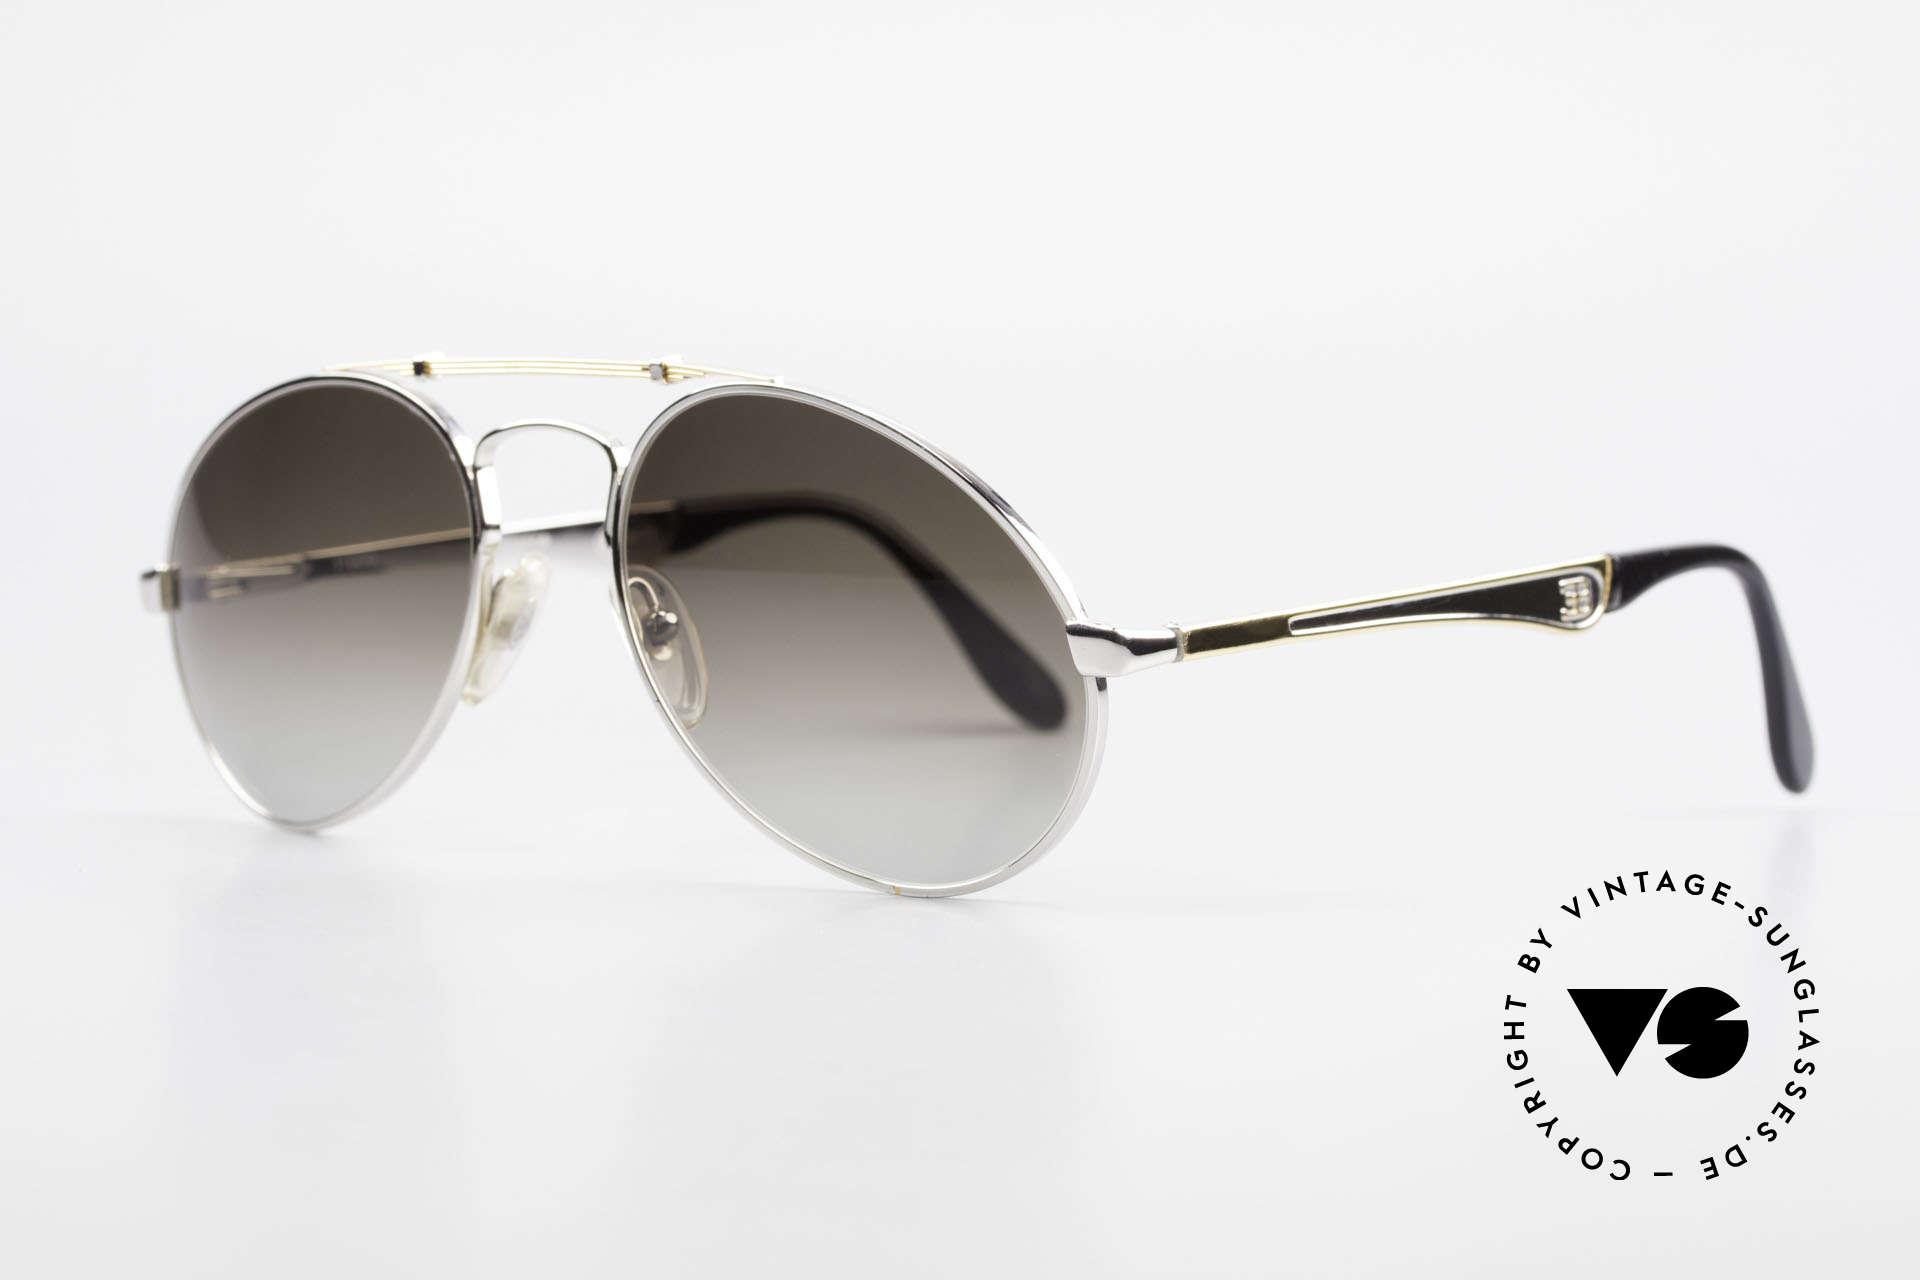 Bugatti 11909 80er Luxus Sonnenbrille Large, keine Tropfen- od. Aviatorform, sondern Bugatti, Passend für Herren